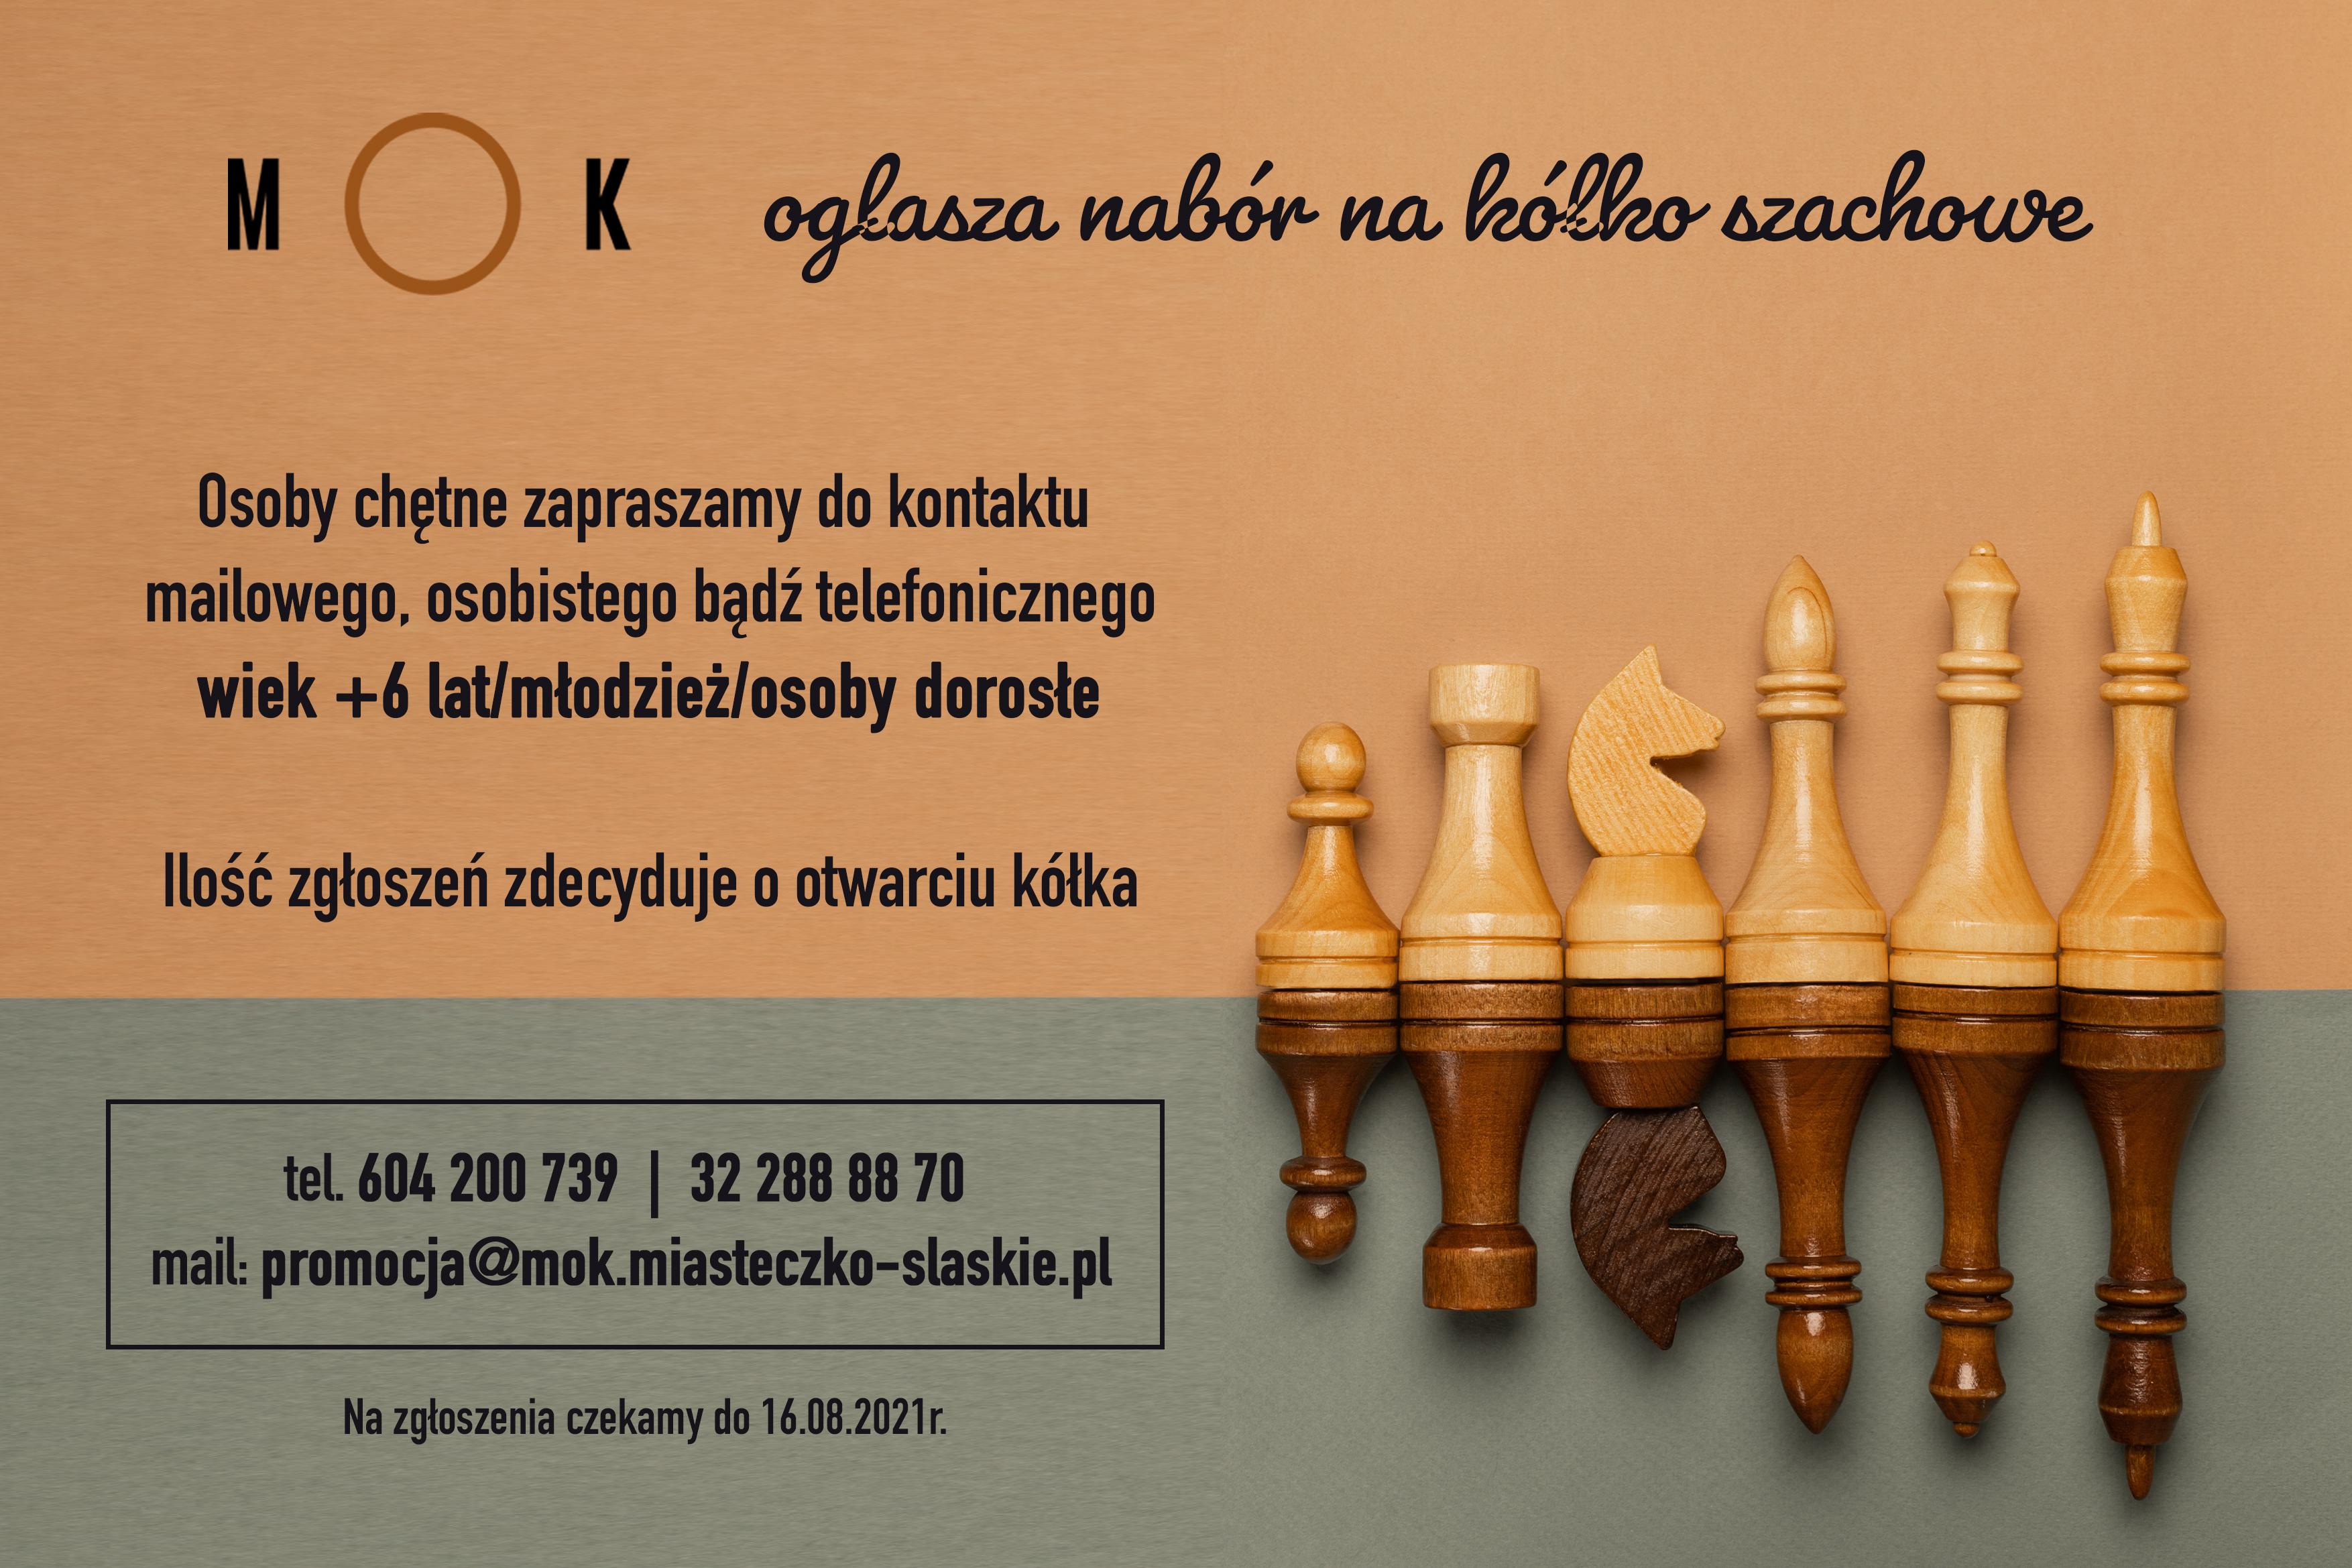 Spotkanie organizacyjne kółka szachowego